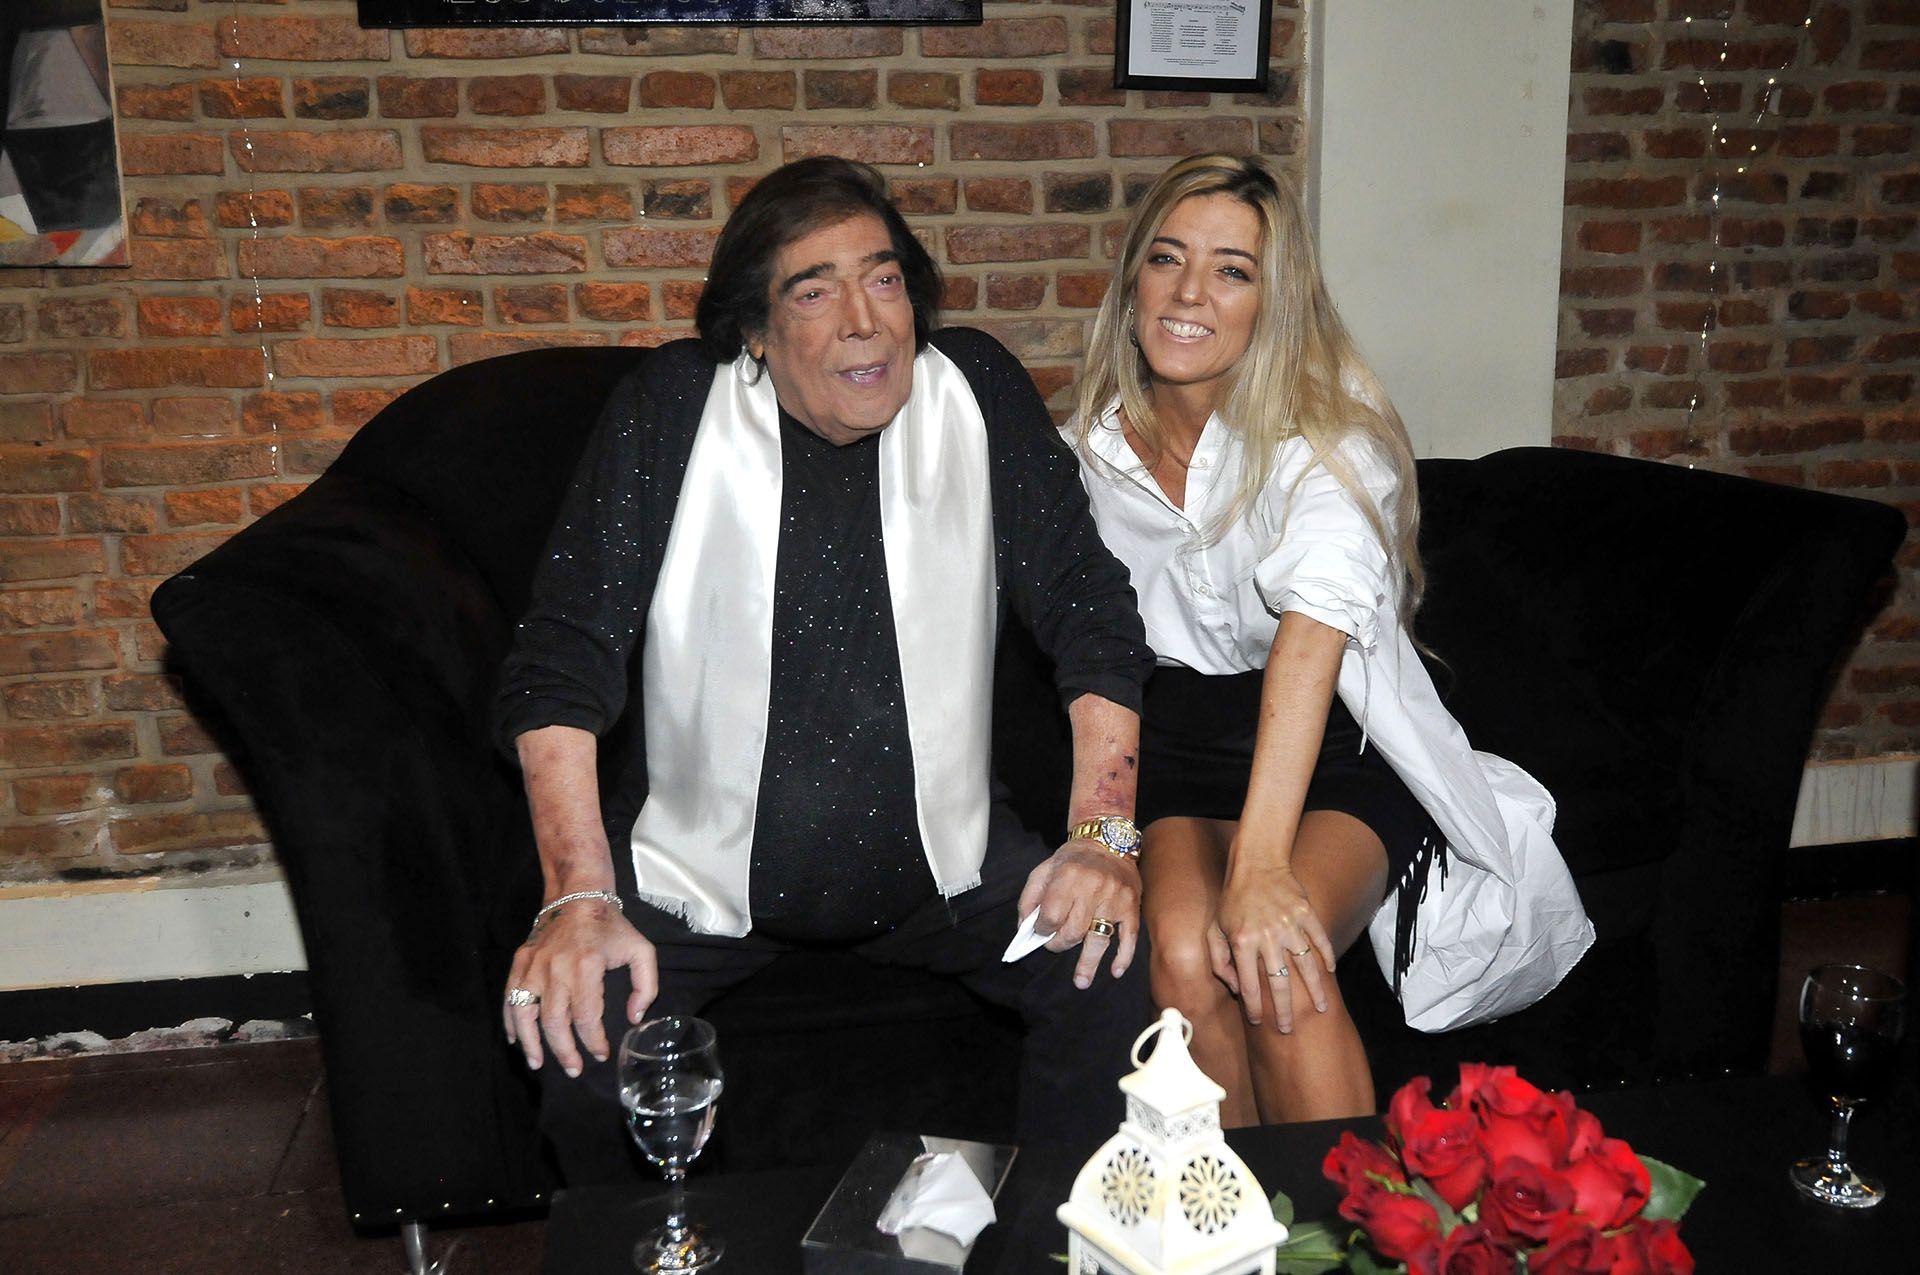 El artista celebró sus 77 años en Café La Humedad